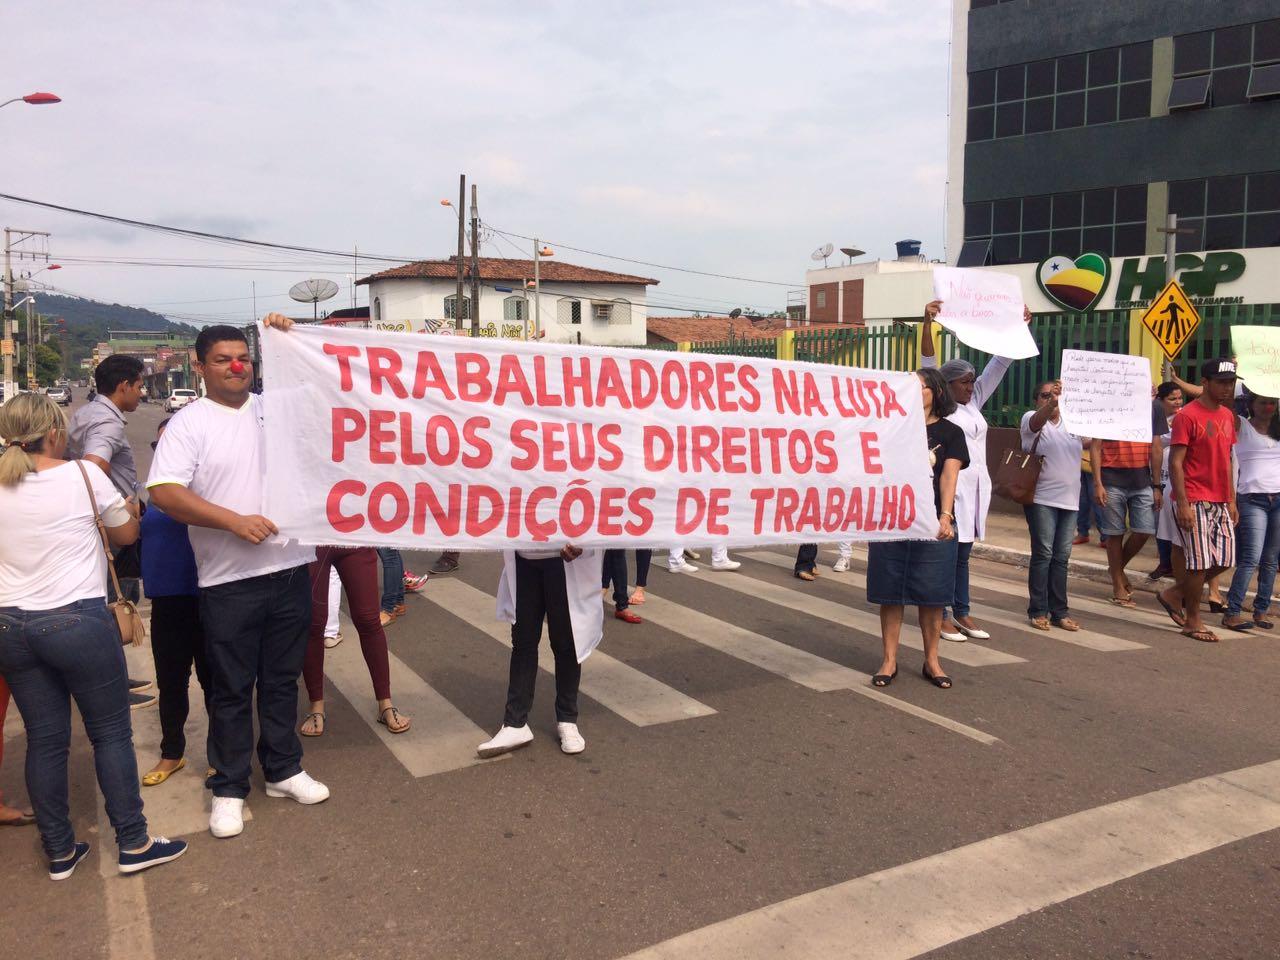 Salários atrasados: Enfermeiros voltam a manifestar em frente ao HGP